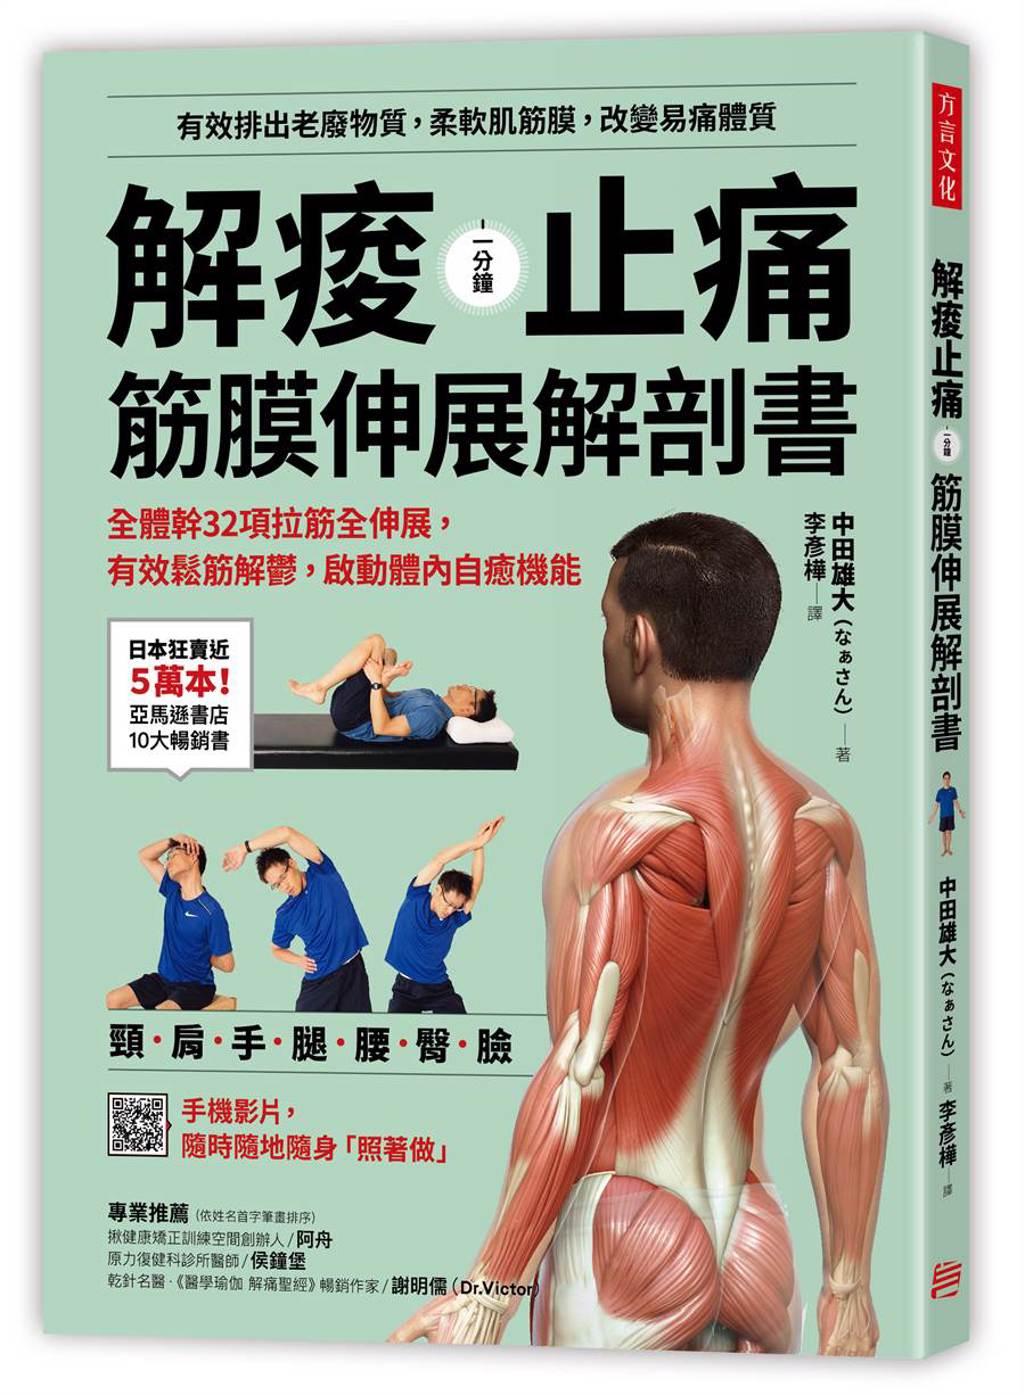 《解痠止痛,筋膜伸展解剖書:全體幹 32 項拉筋全伸展,有效鬆筋解鬱,啟動體內自癒機能》/方言文化出版